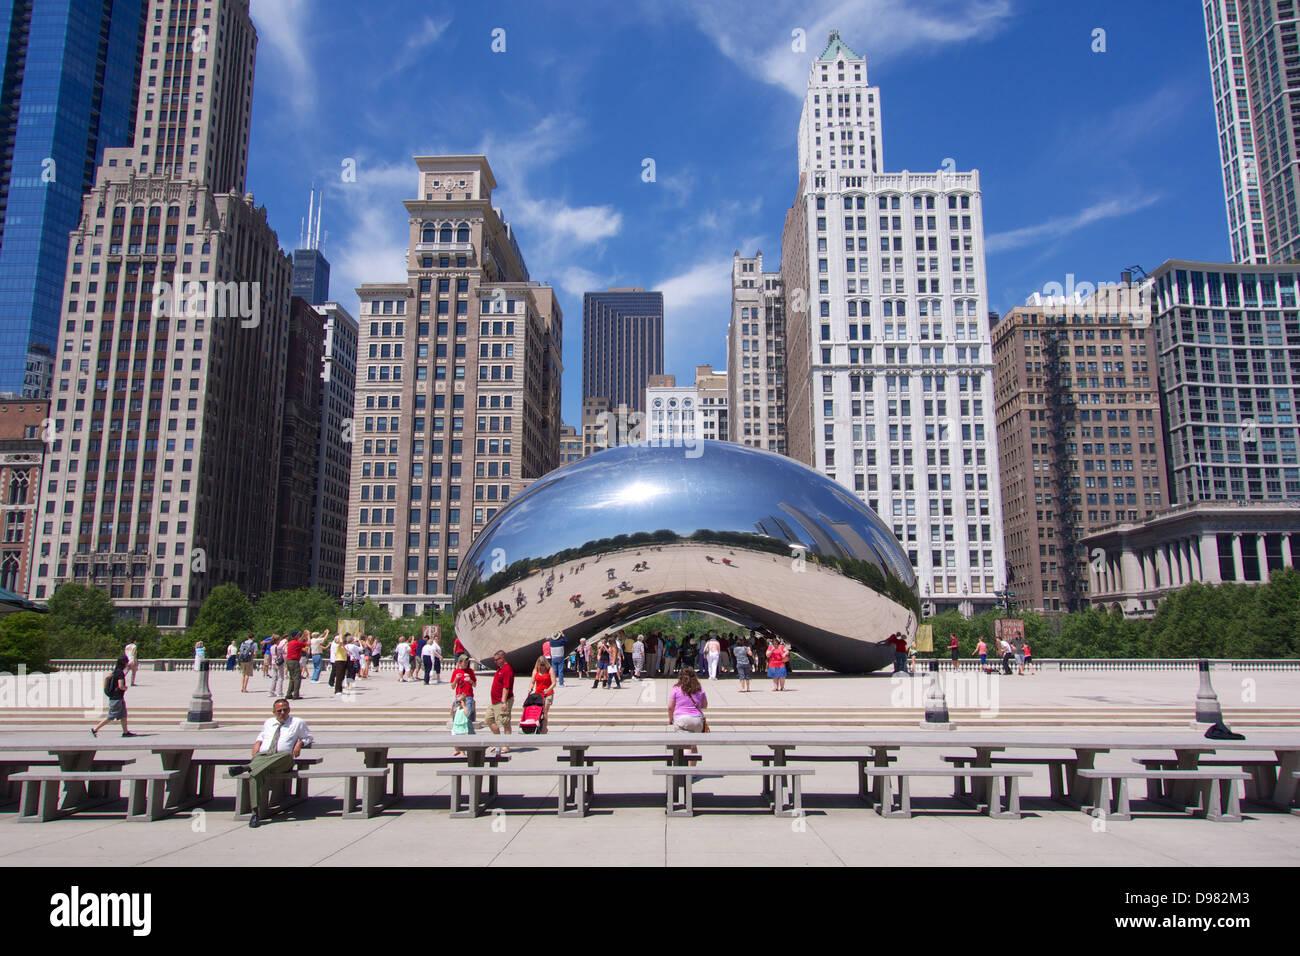 """Cloud Gate d'Anish Kapoor, aussi connu sous le nom de """"Bean.' Le Millennium Park, Chicago. Photo Stock"""